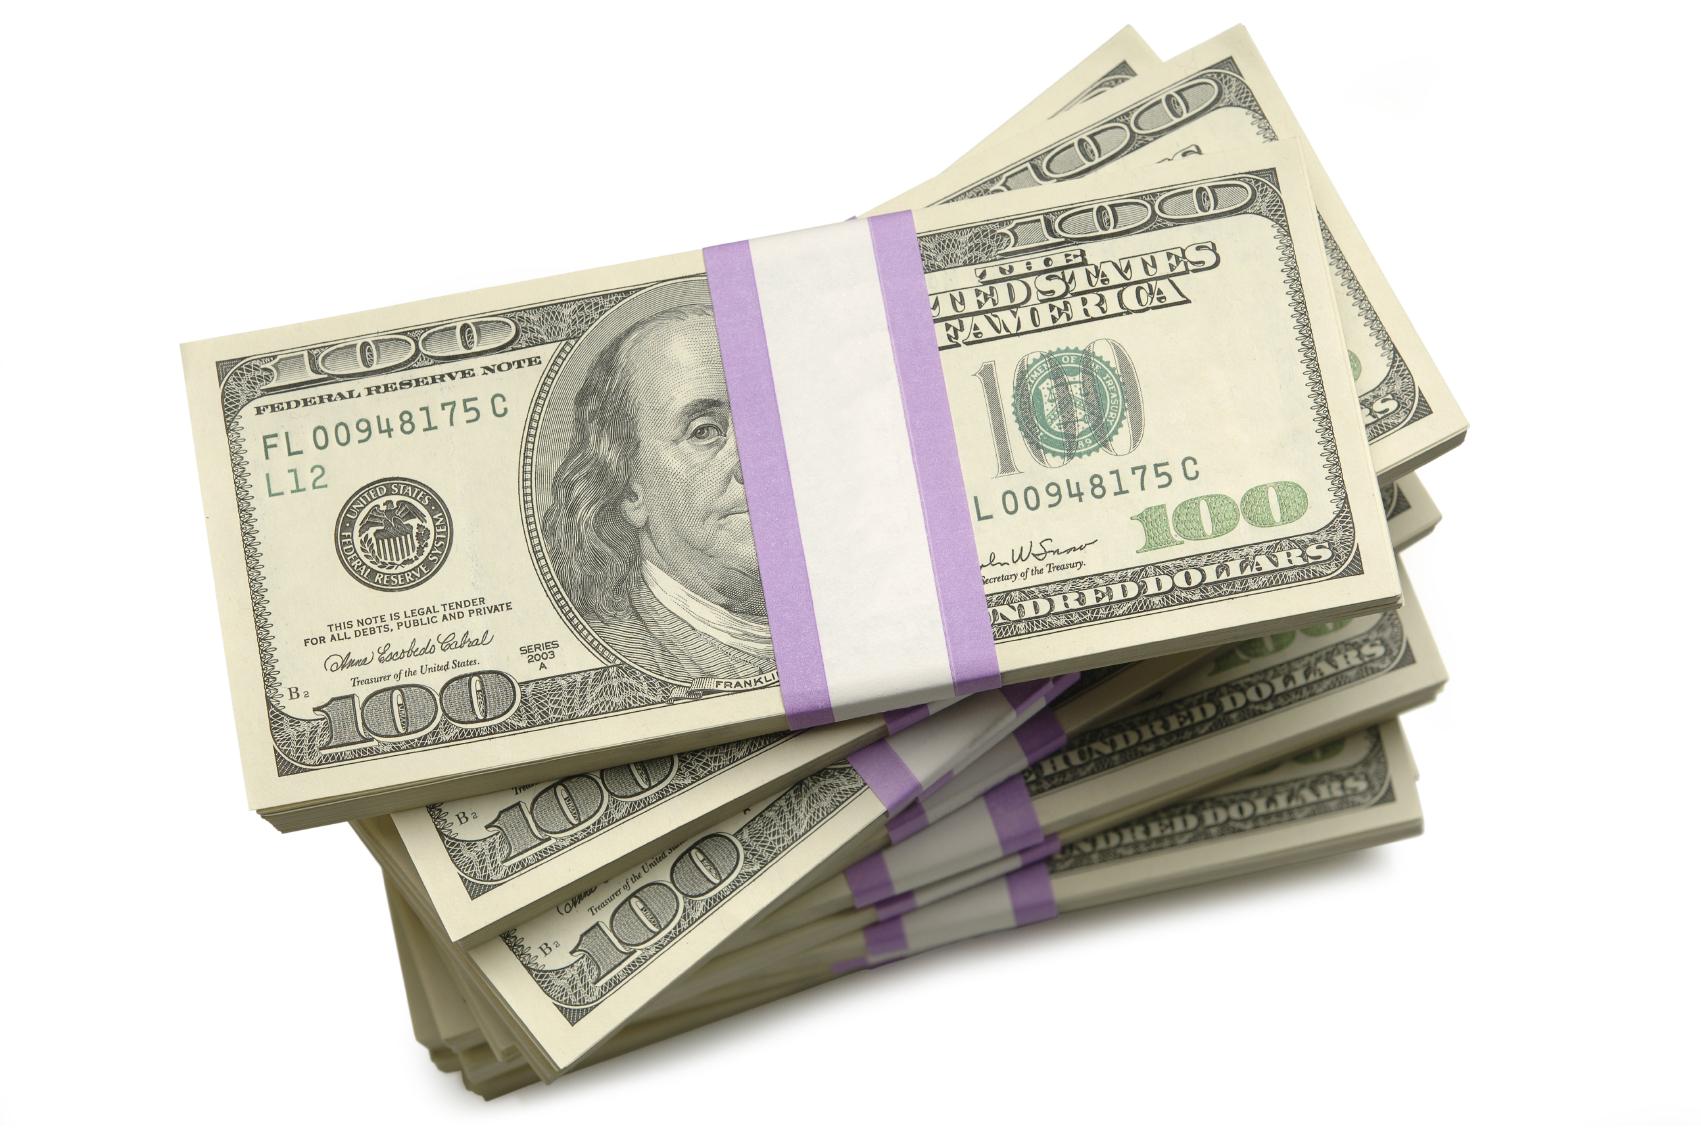 ESOP money